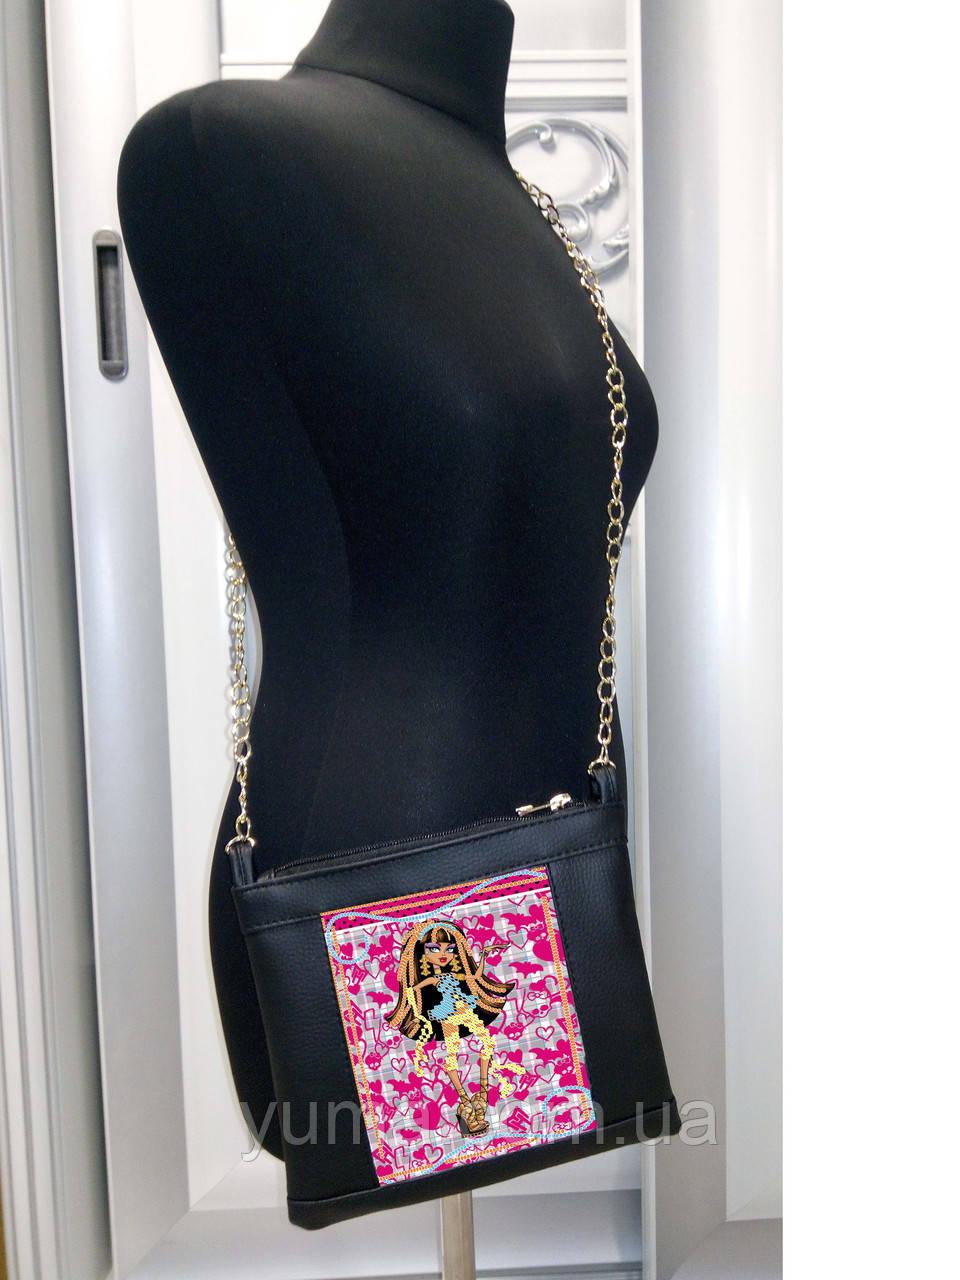 Сумочка детская  для вышивки бисером модель  Мия 16